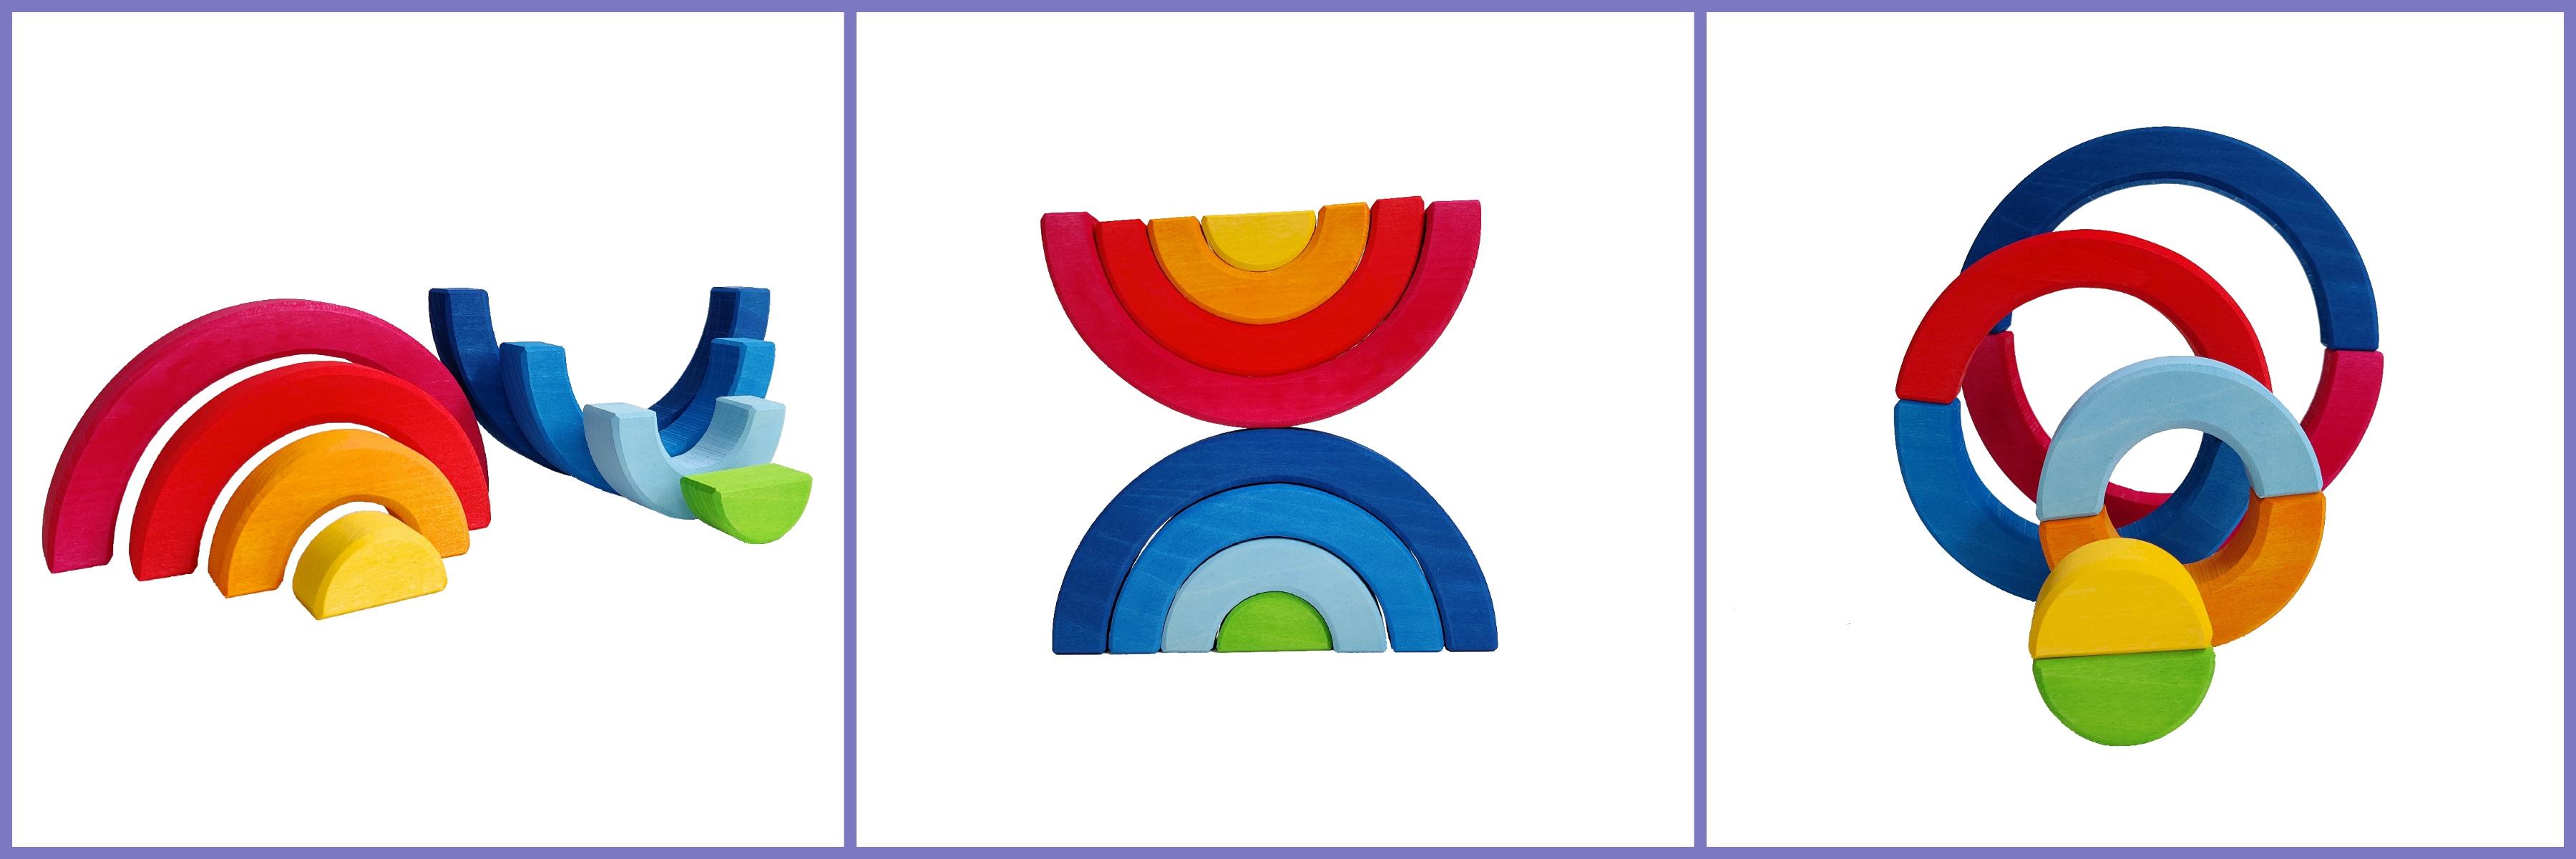 dubbele regenboog blokken set